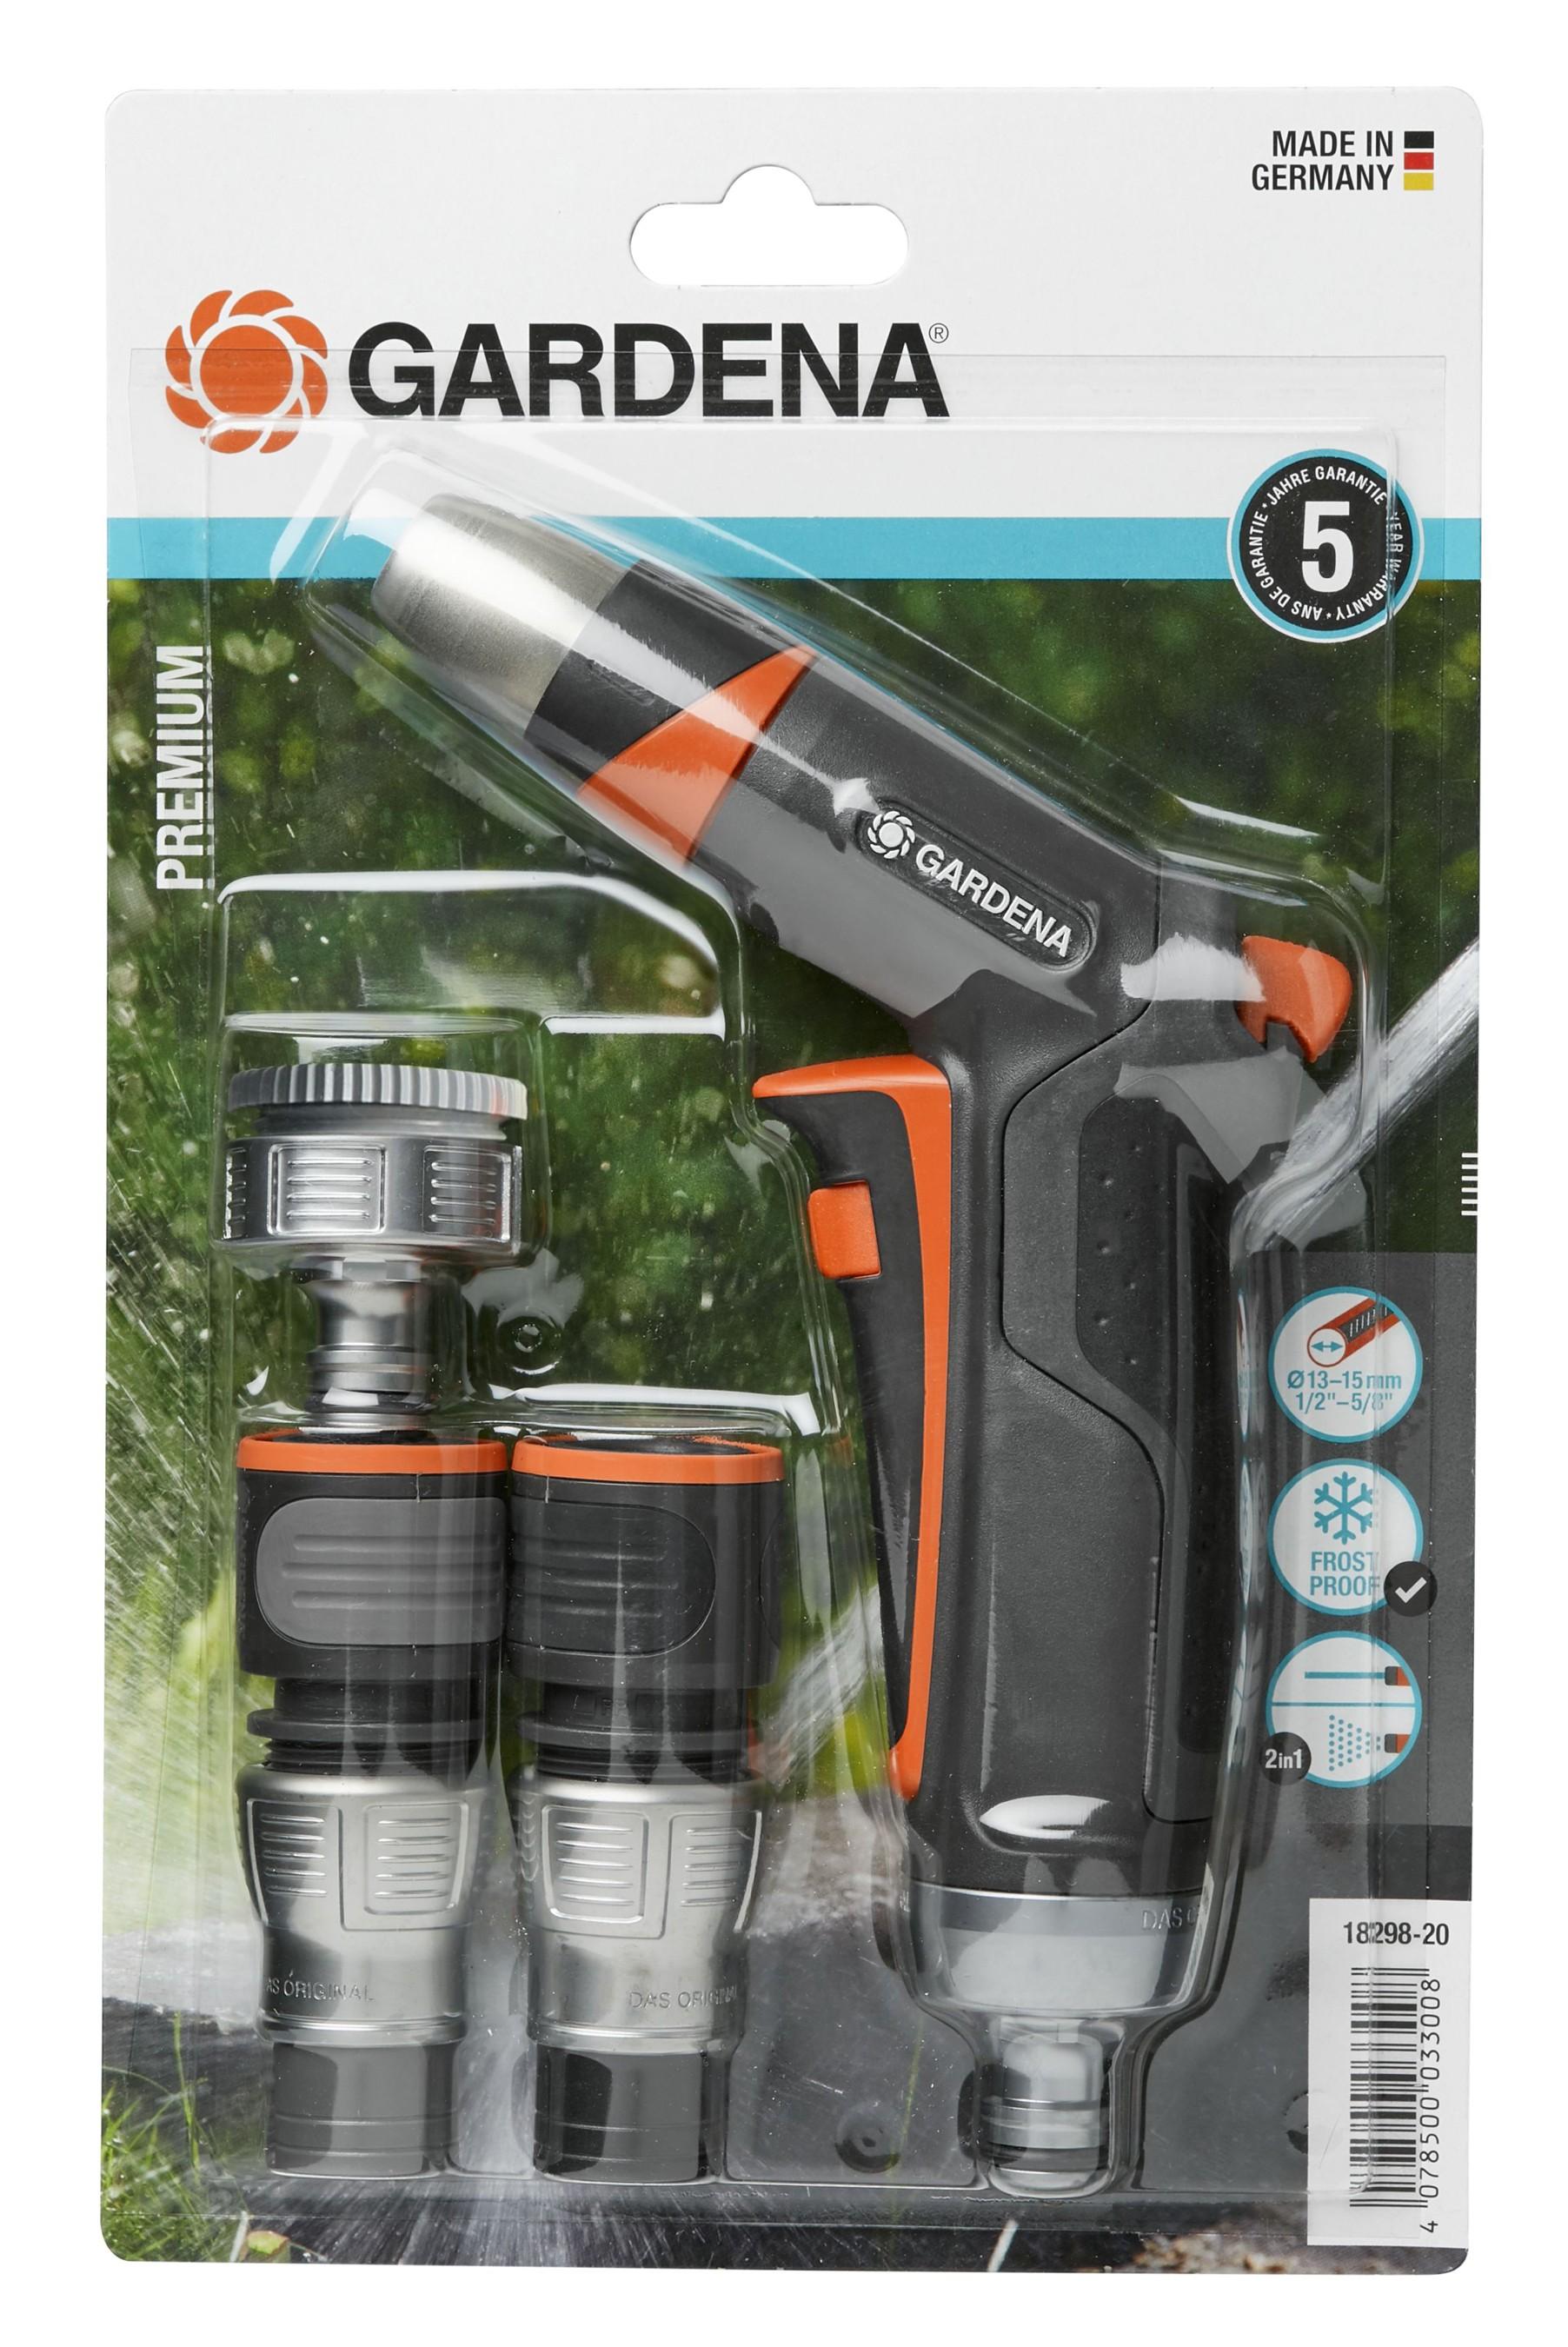 GARDENA Premium Grundausstattung Reinigungsspritze 18298-20 Bild 1